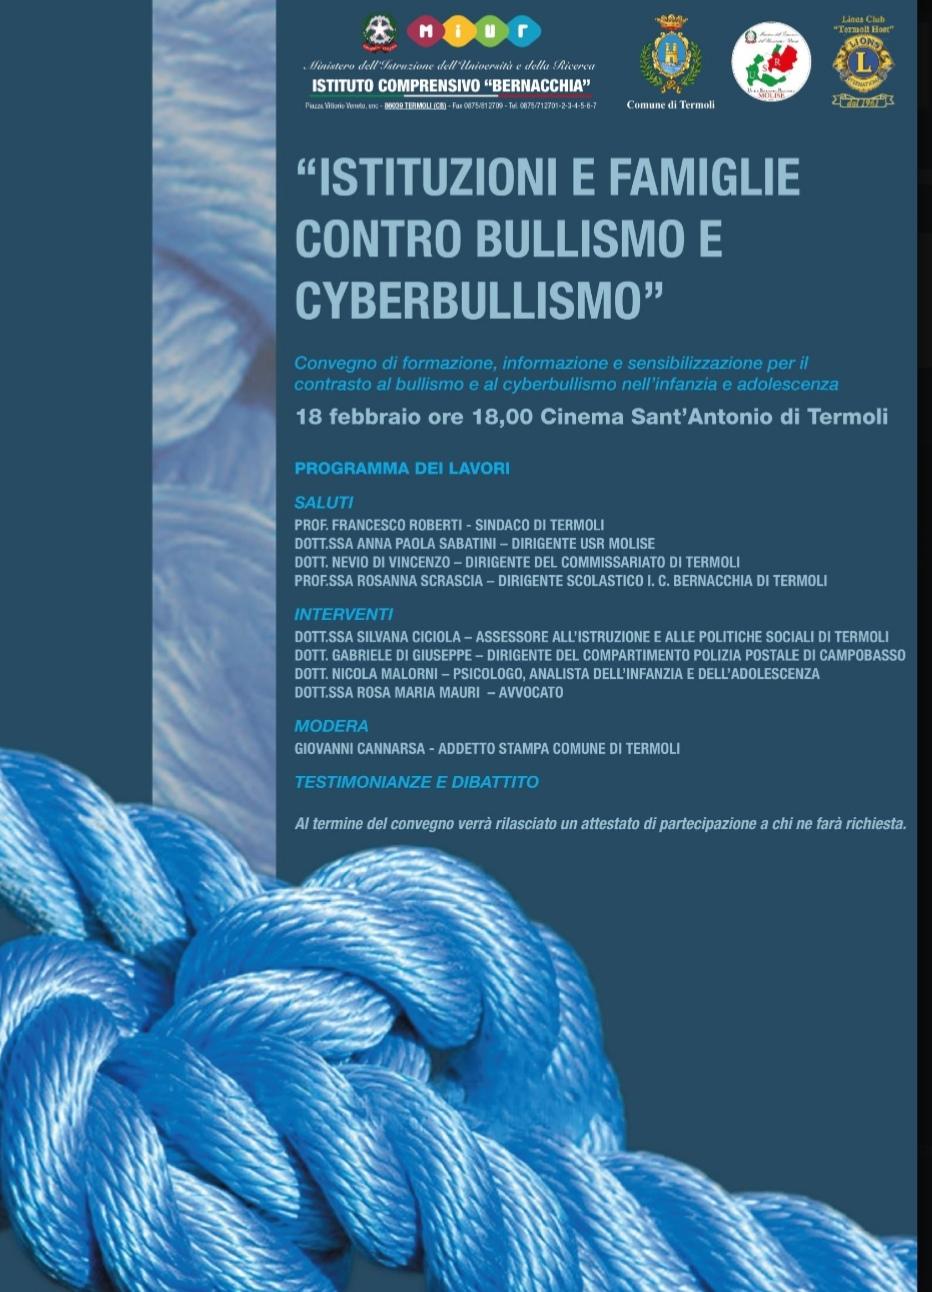 Convegno di formazione, informazione e sensibilizzazione per il contrasto al bullismo e cyberbullismo nell'infanzia e nell'adolescenza